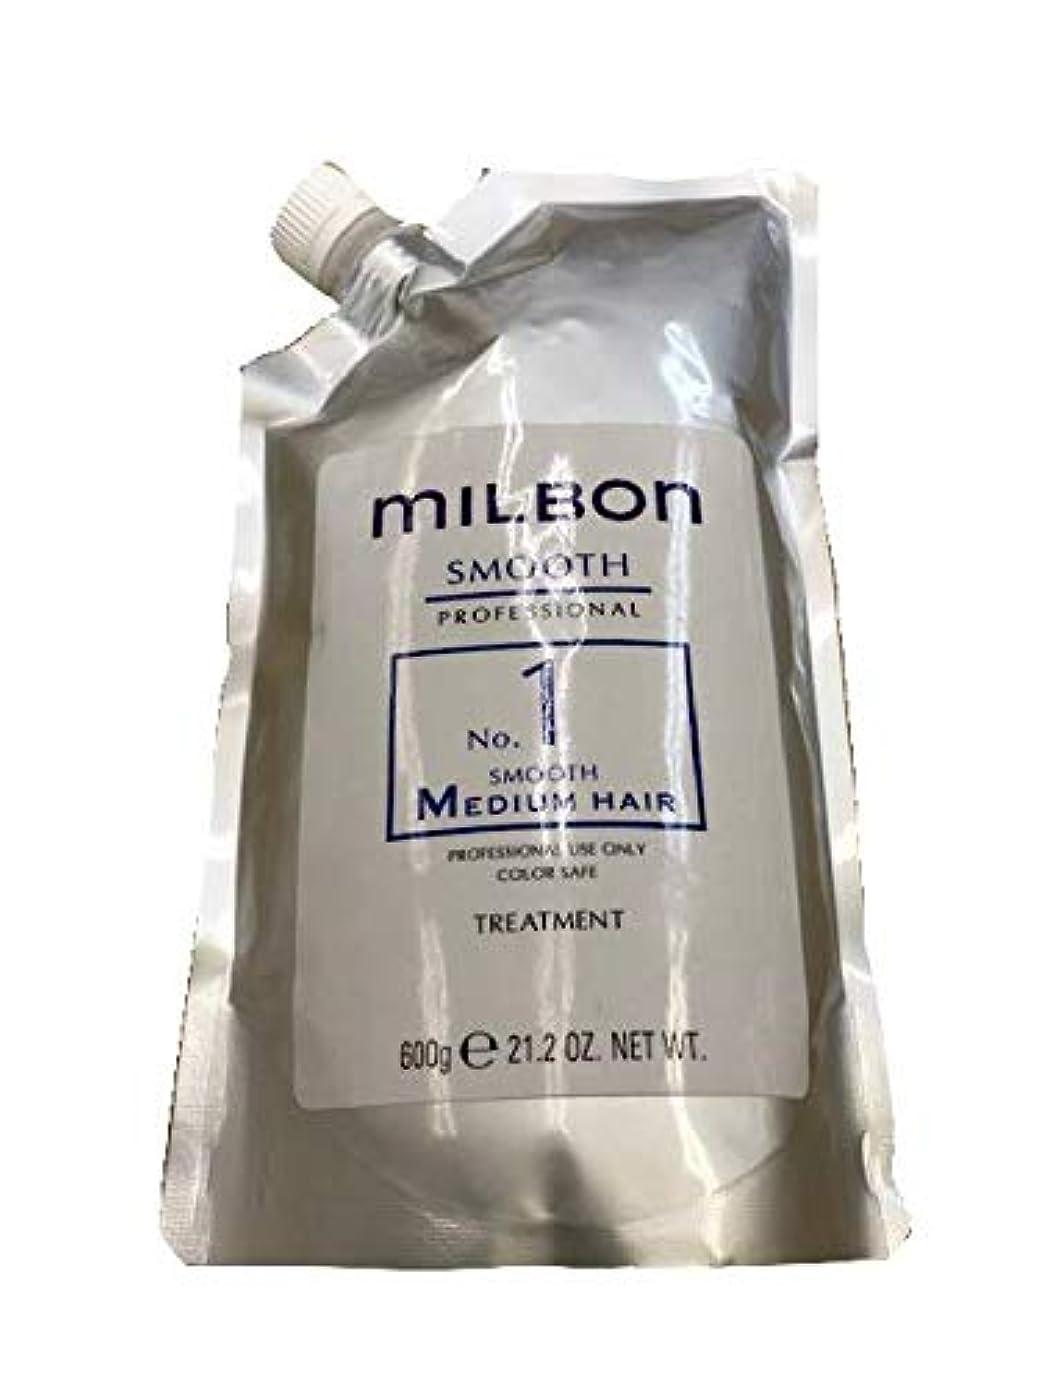 知性なんとなく噛むミルボン スムースNo1 ミディアムヘア ヘアトリートメント 600g